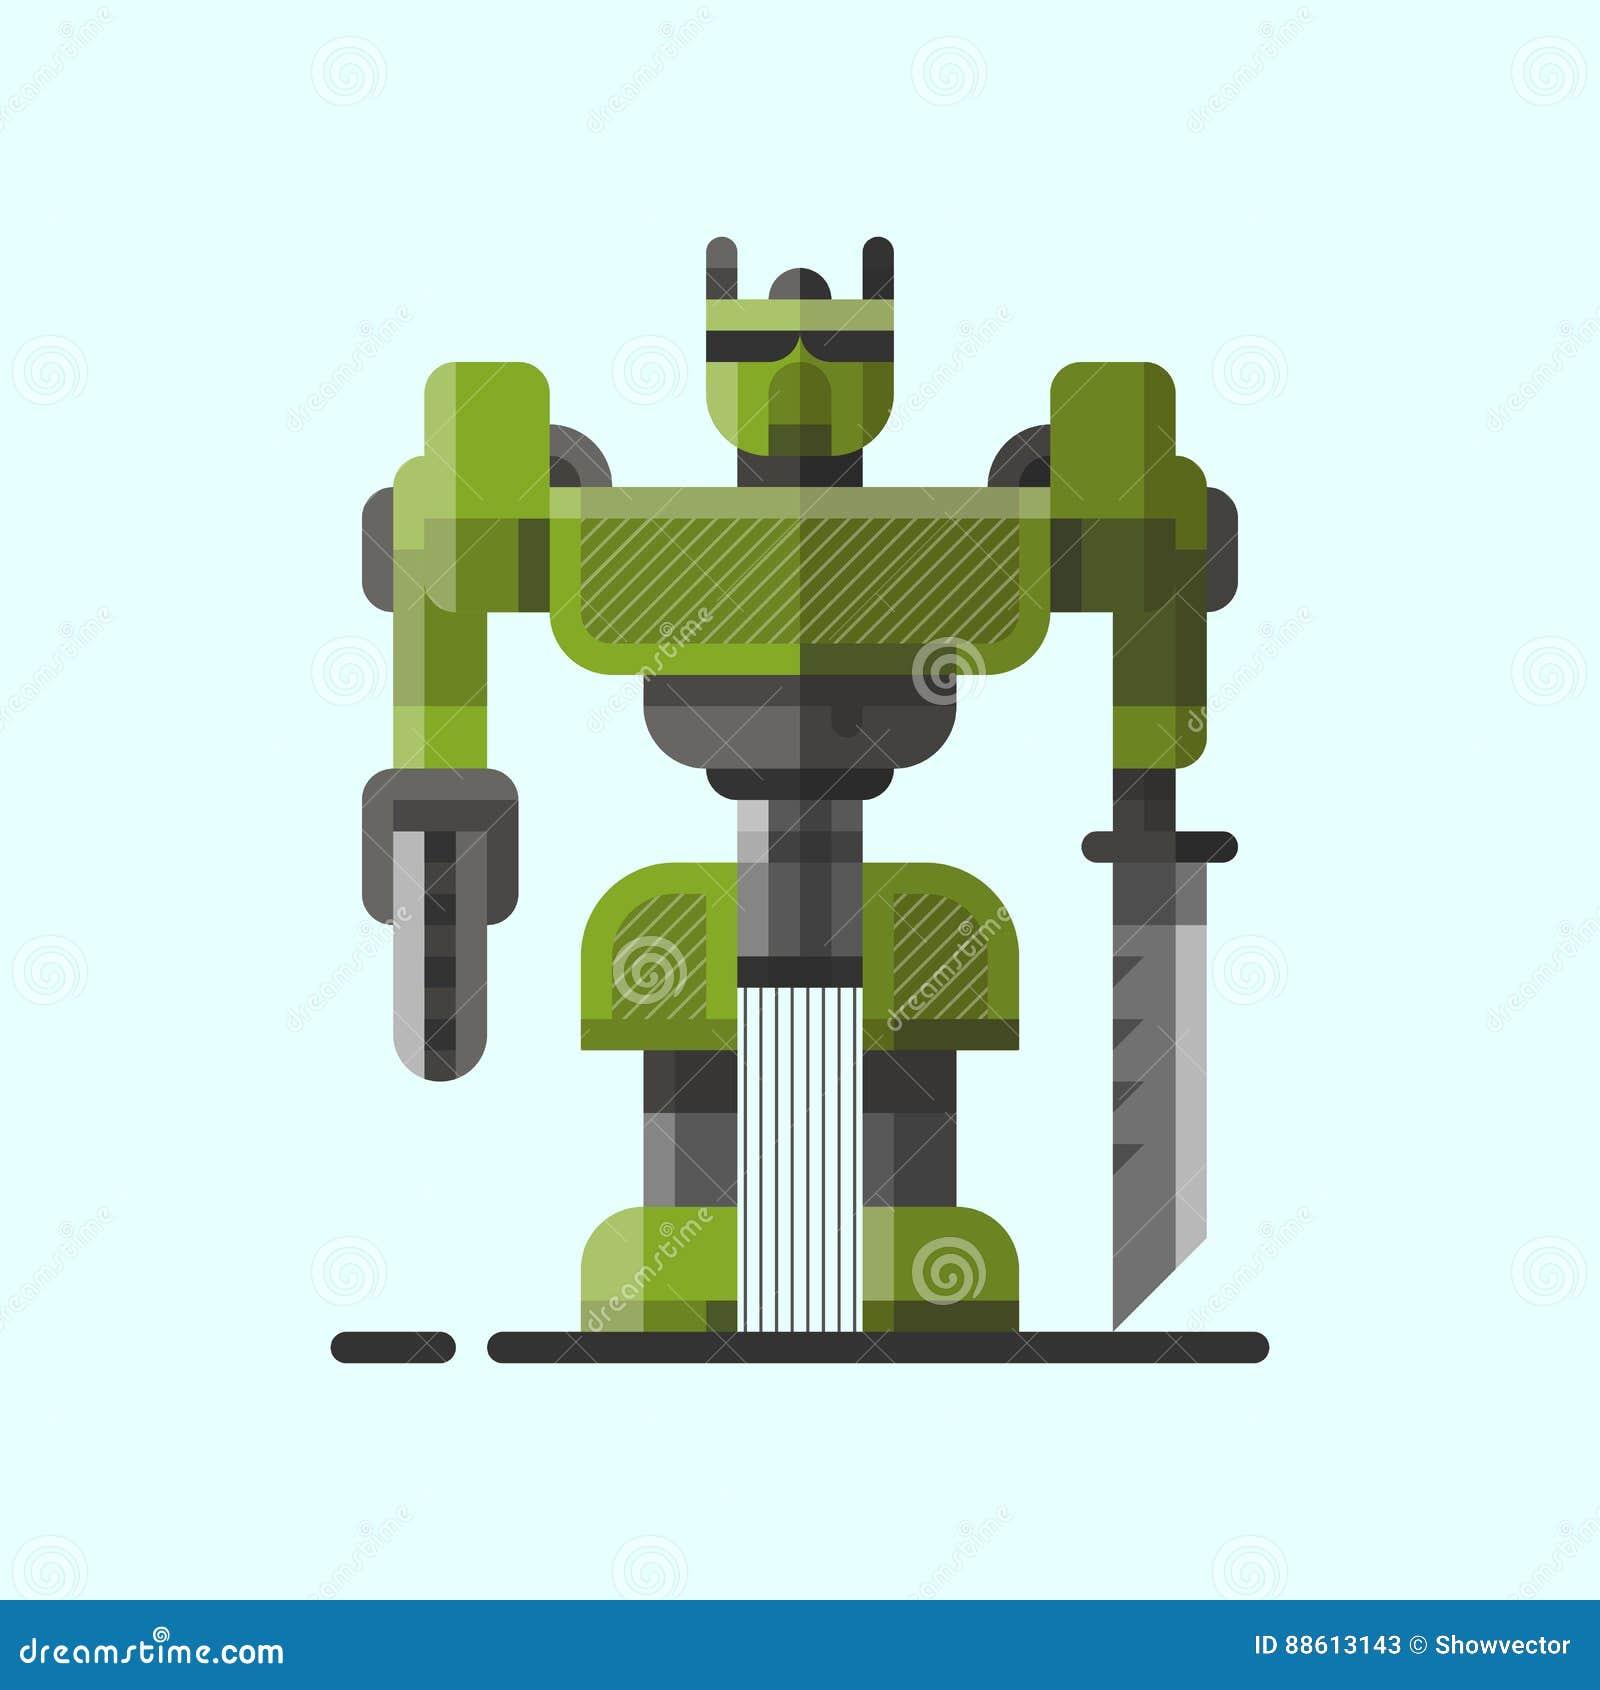 Χαριτωμένο εκλεκτής ποιότητας ρομπότ τεχνολογίας παιχνίδι επιστήμης μηχανών μελλοντικό και cyborg φουτουριστικός χαρακτήρας εικον